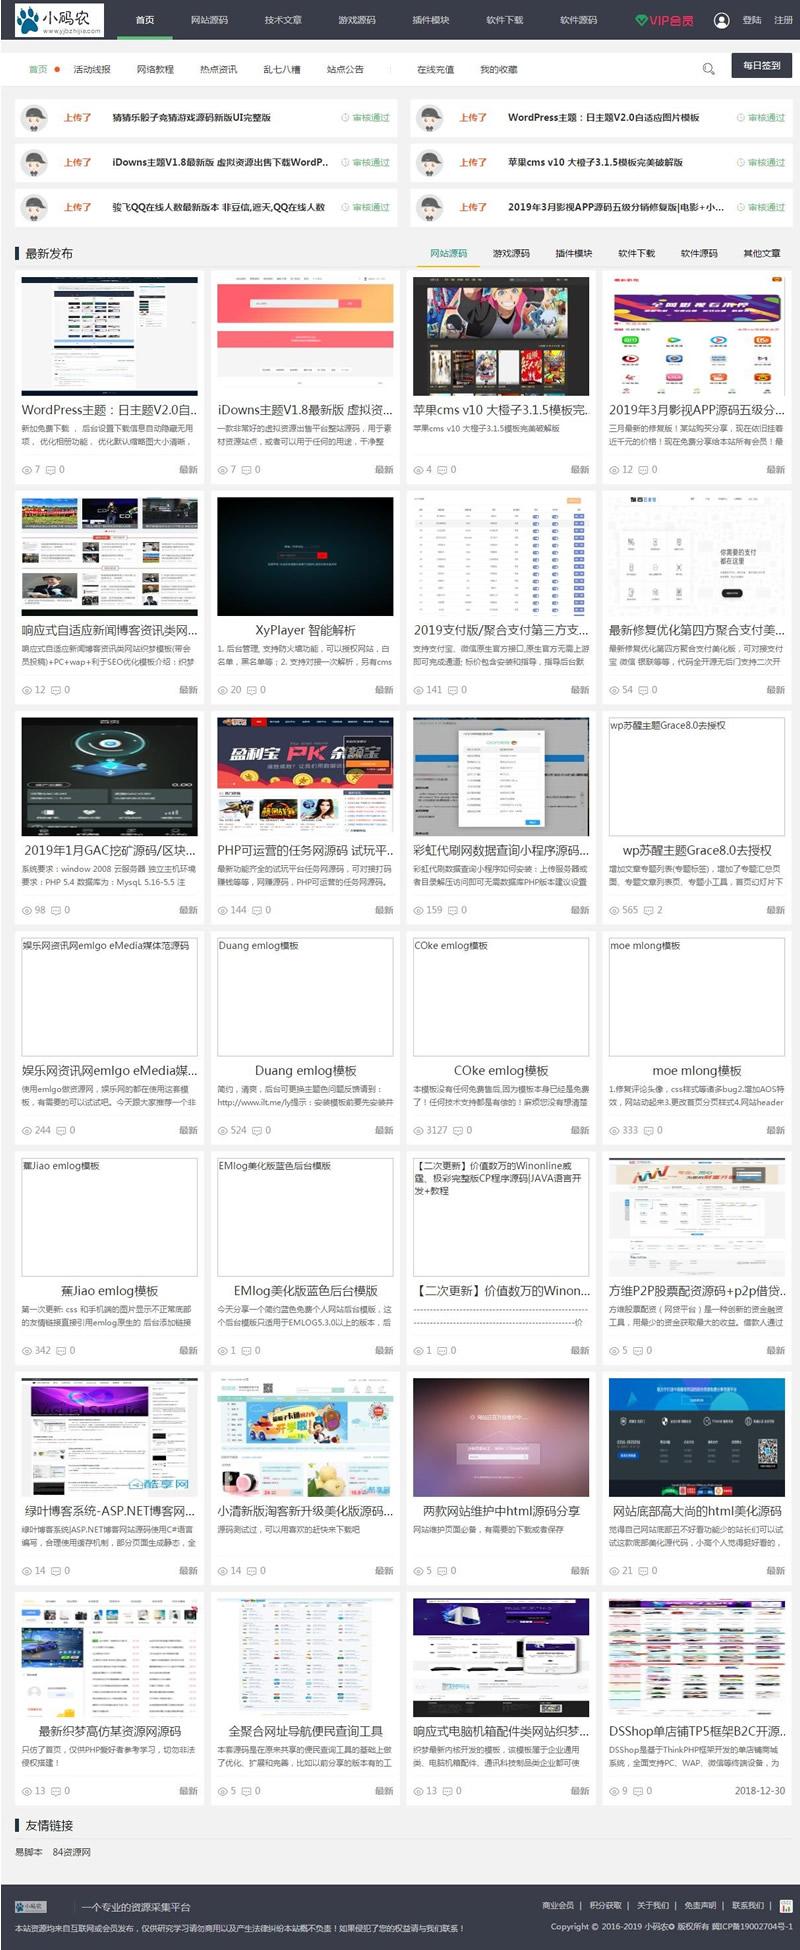 PHP仿码农网虚拟素材源码资源销售整站系统源码-爱资源分享